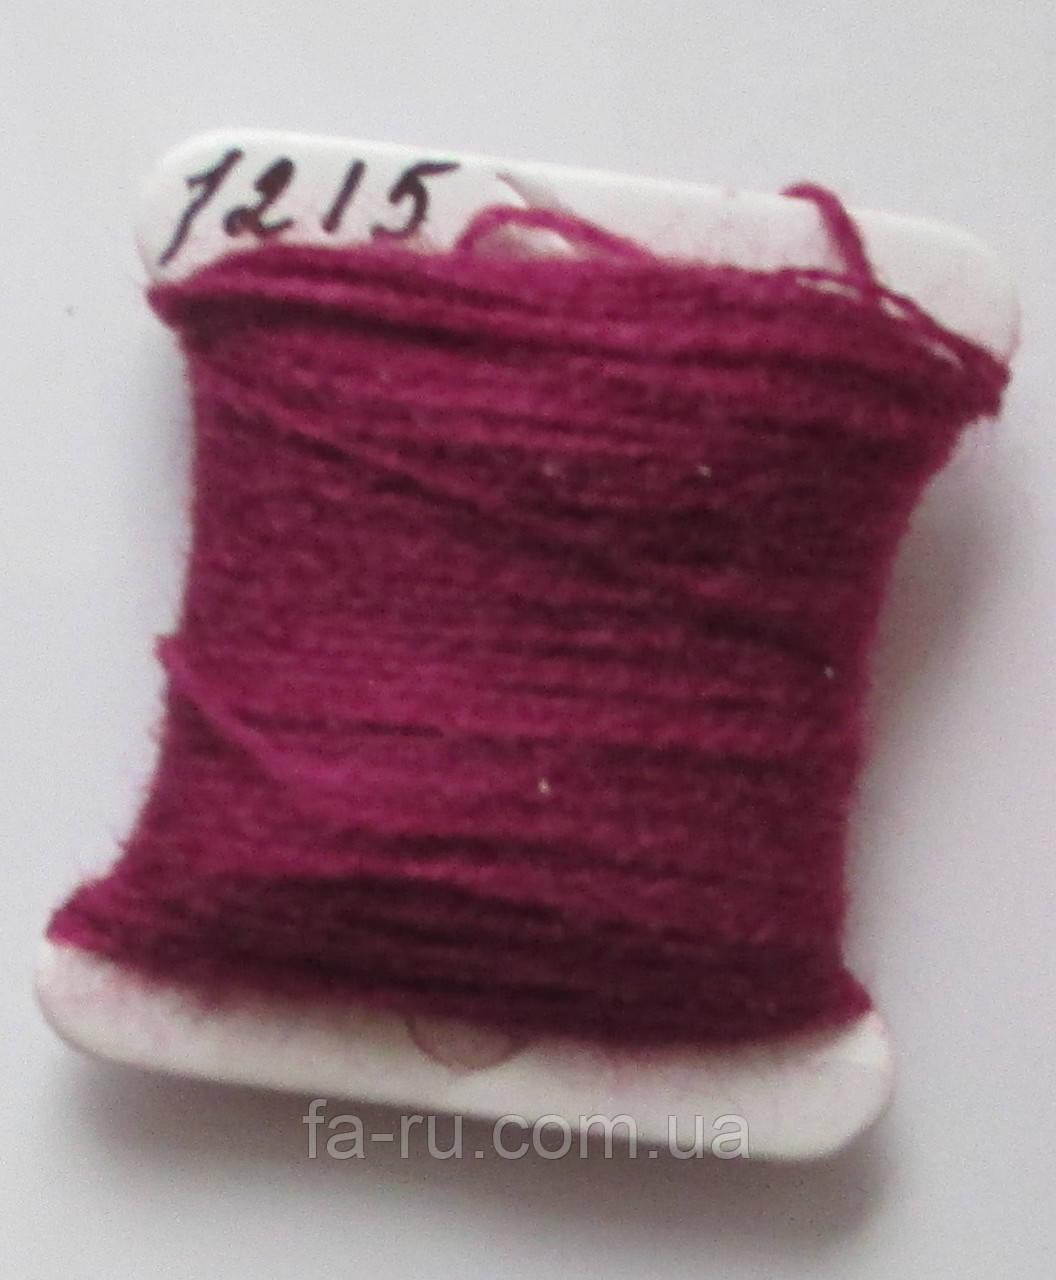 Акрил для вышивки: спелая вишня